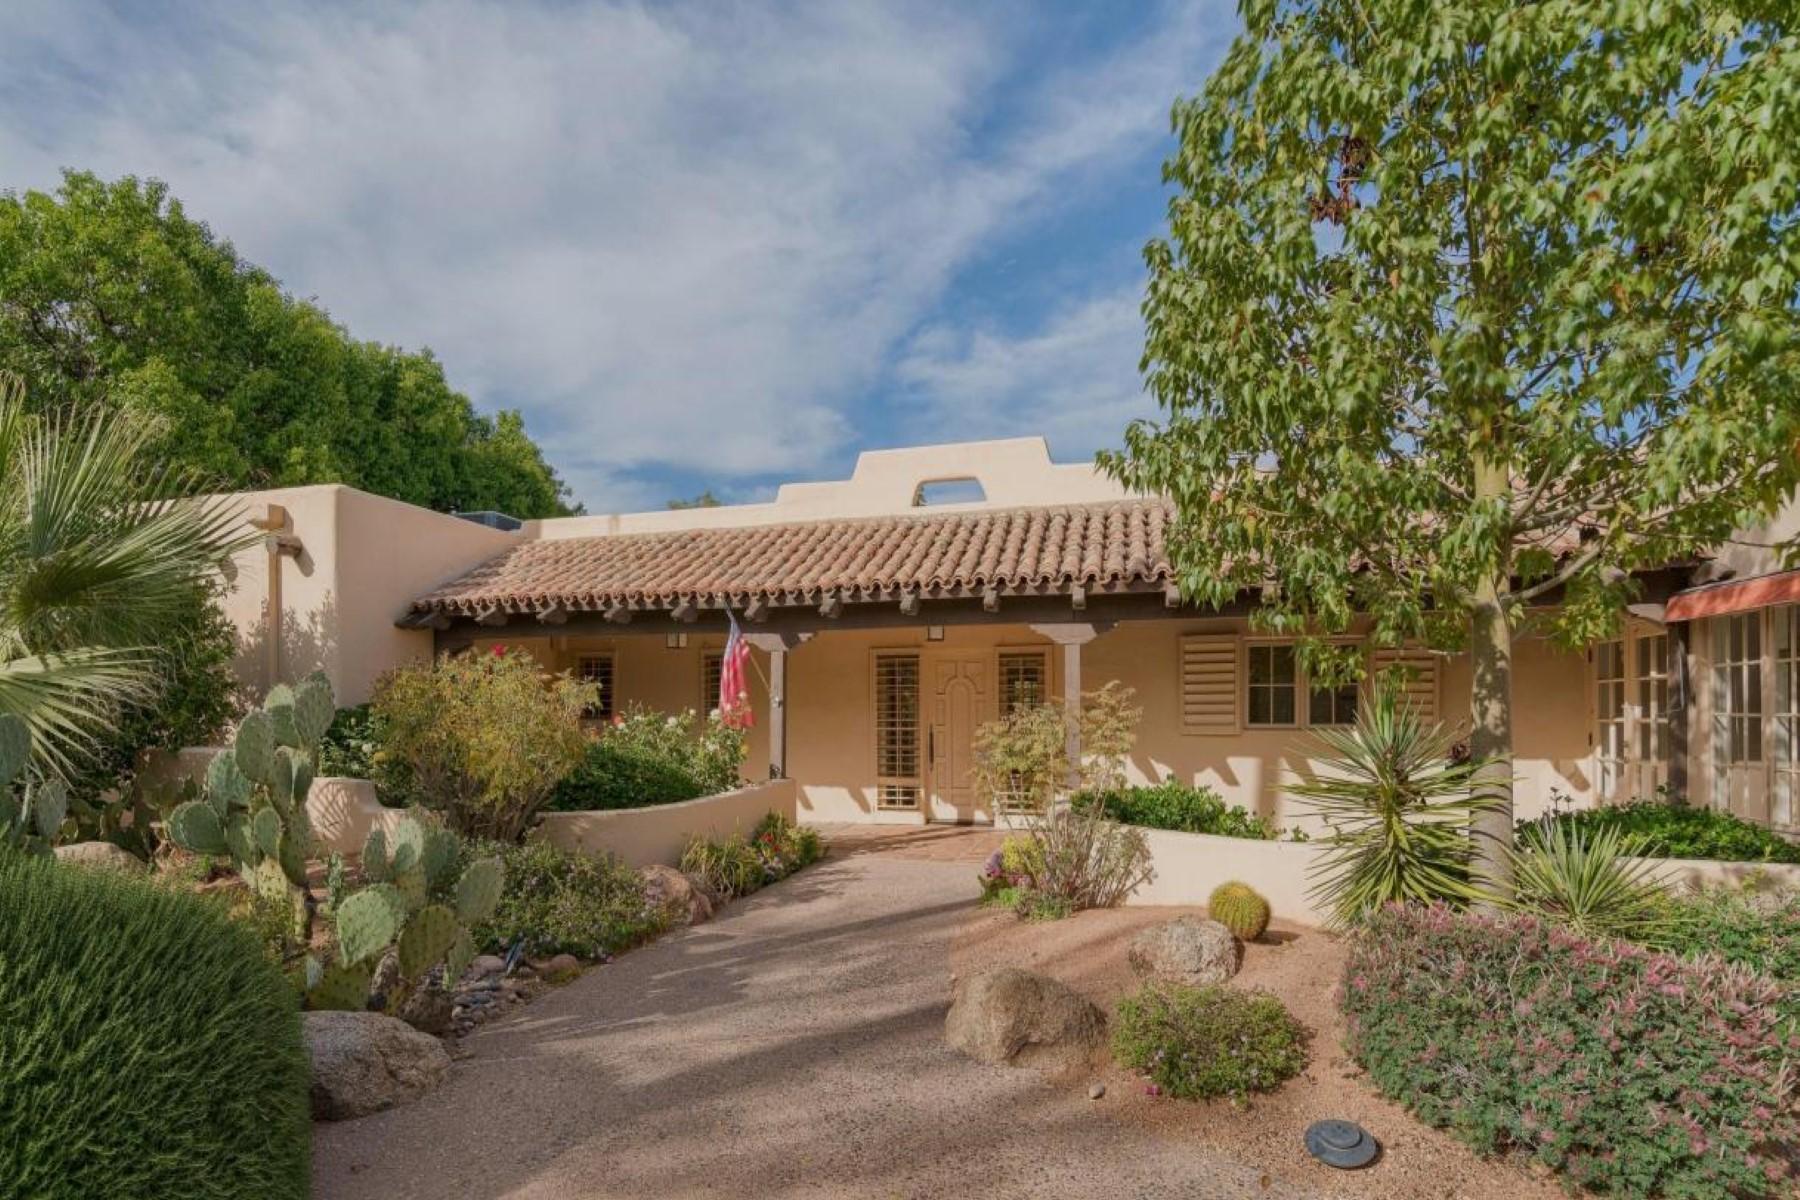 단독 가정 주택 용 매매 에 Historic and unique gated neighborhood Casa Blanca 5135 N Tamanar Way Paradise Valley, 아리조나, 85253 미국